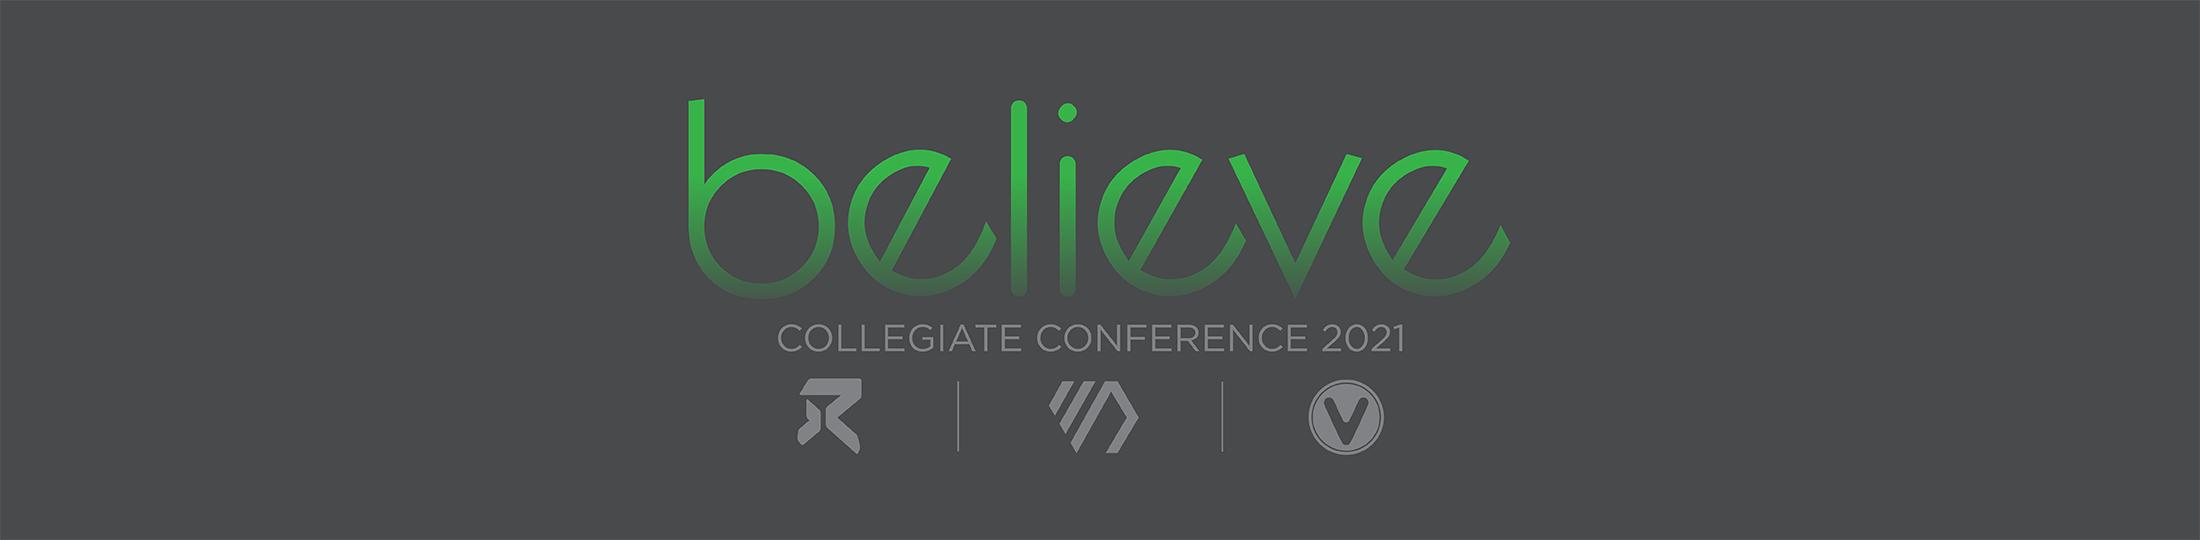 Collegiate Conference 2021